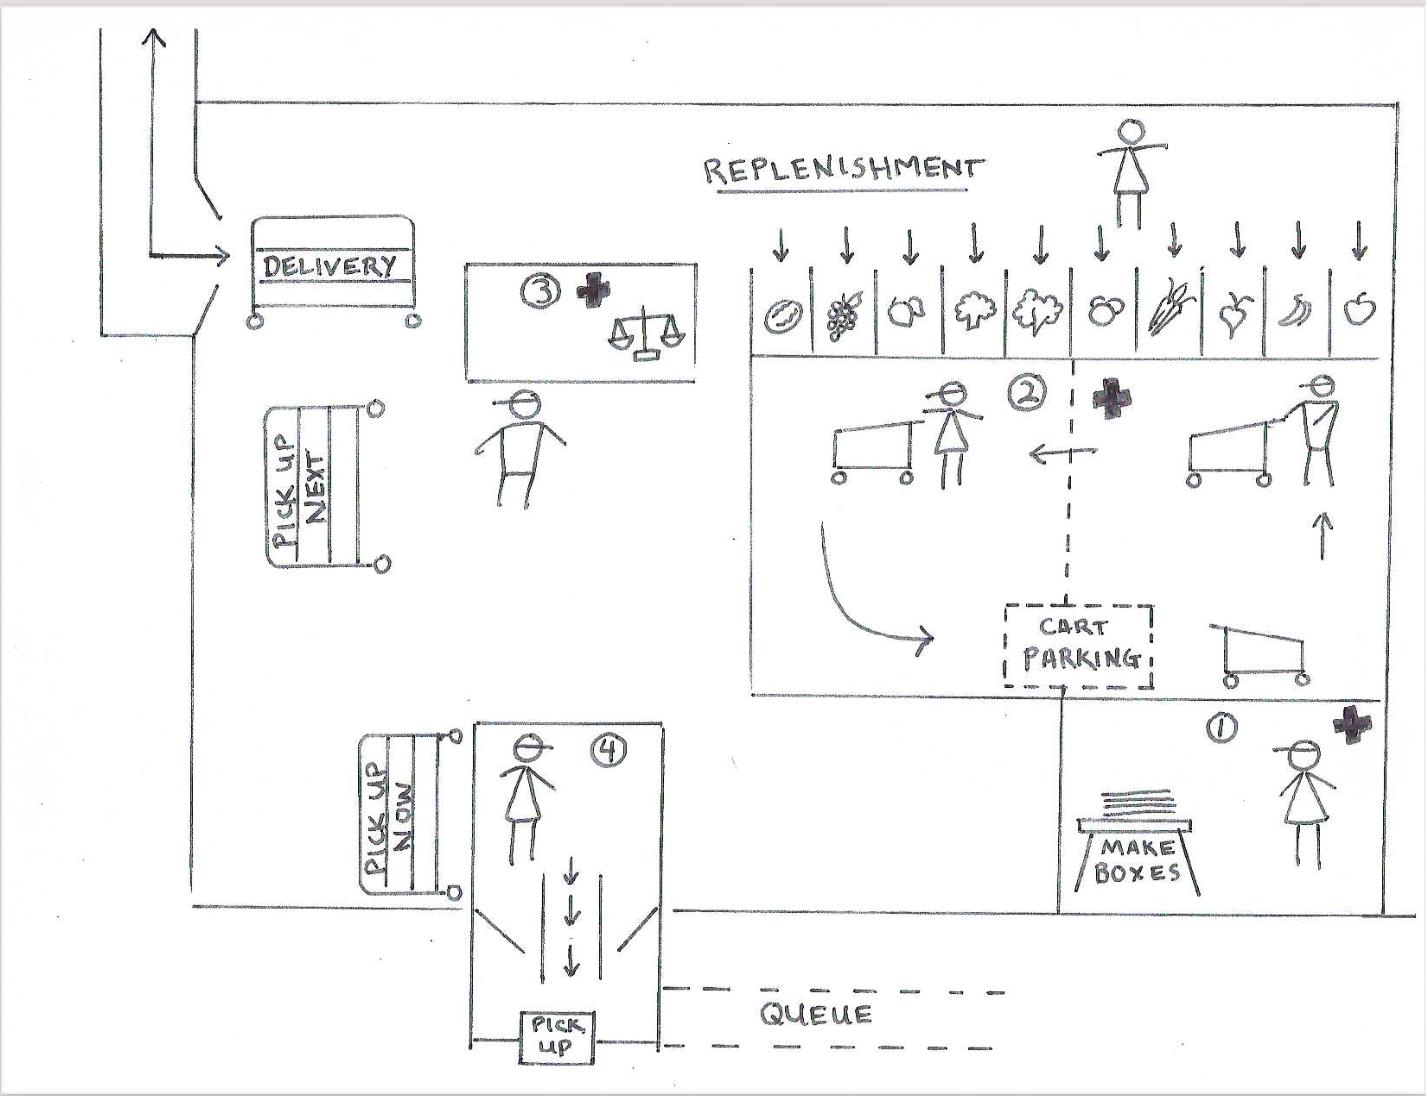 Delridge Grocery Co-op Workflow Diagram